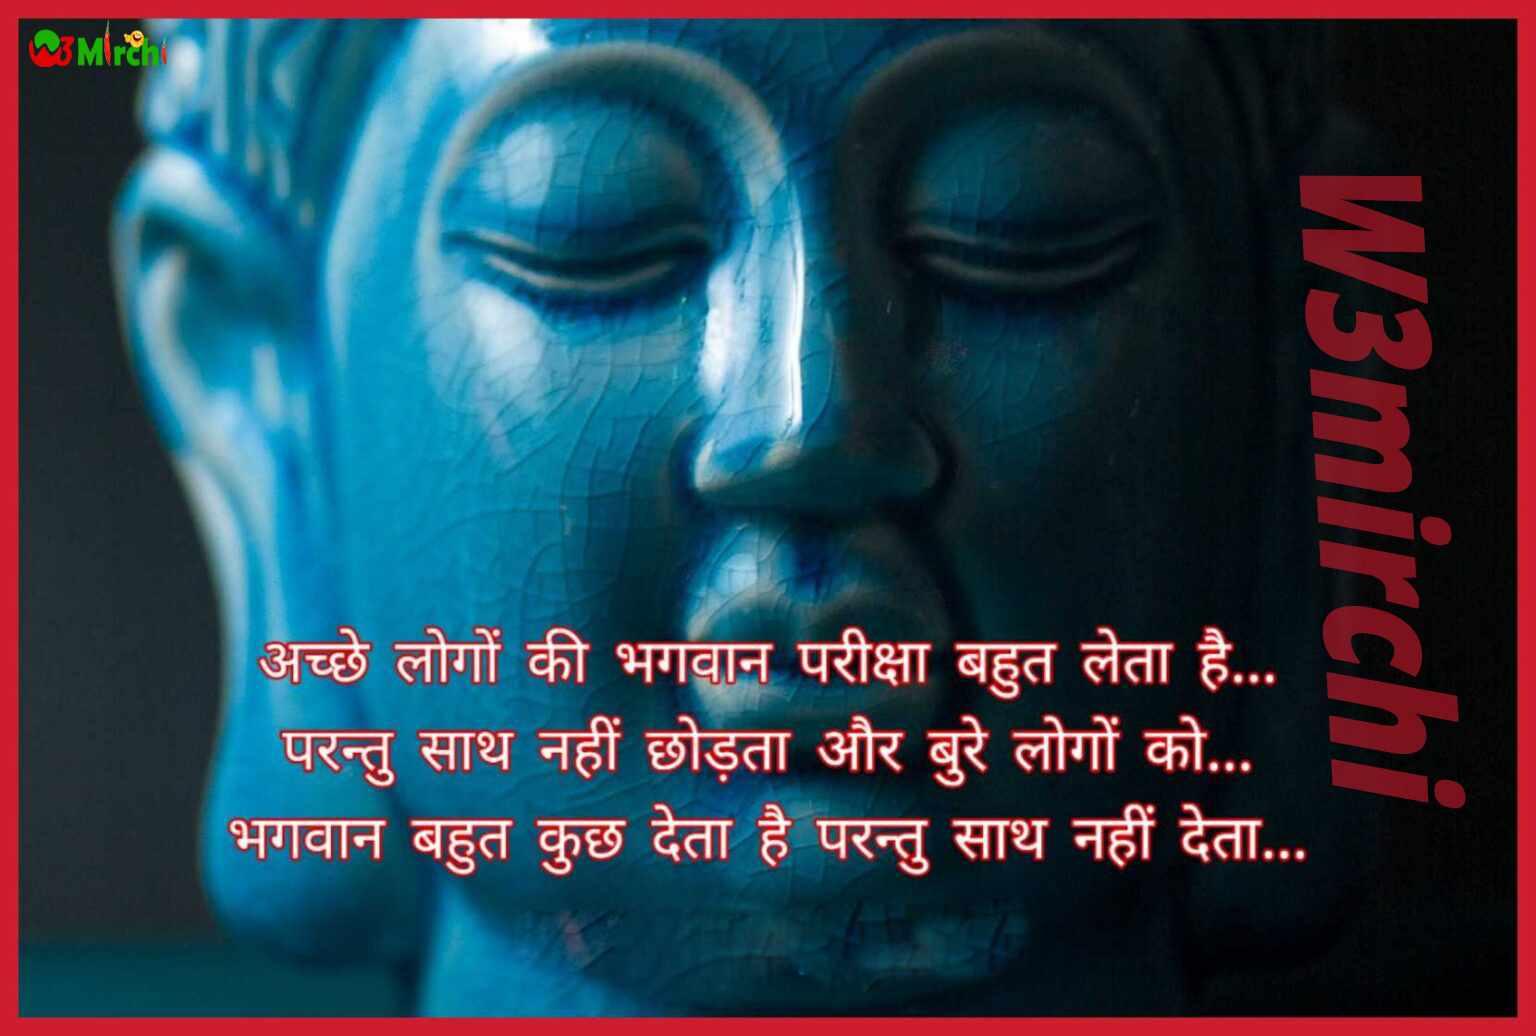 Bhagwan Shayari    अच्छे लोगों की भगवान परीक्षा बहुत लेता है